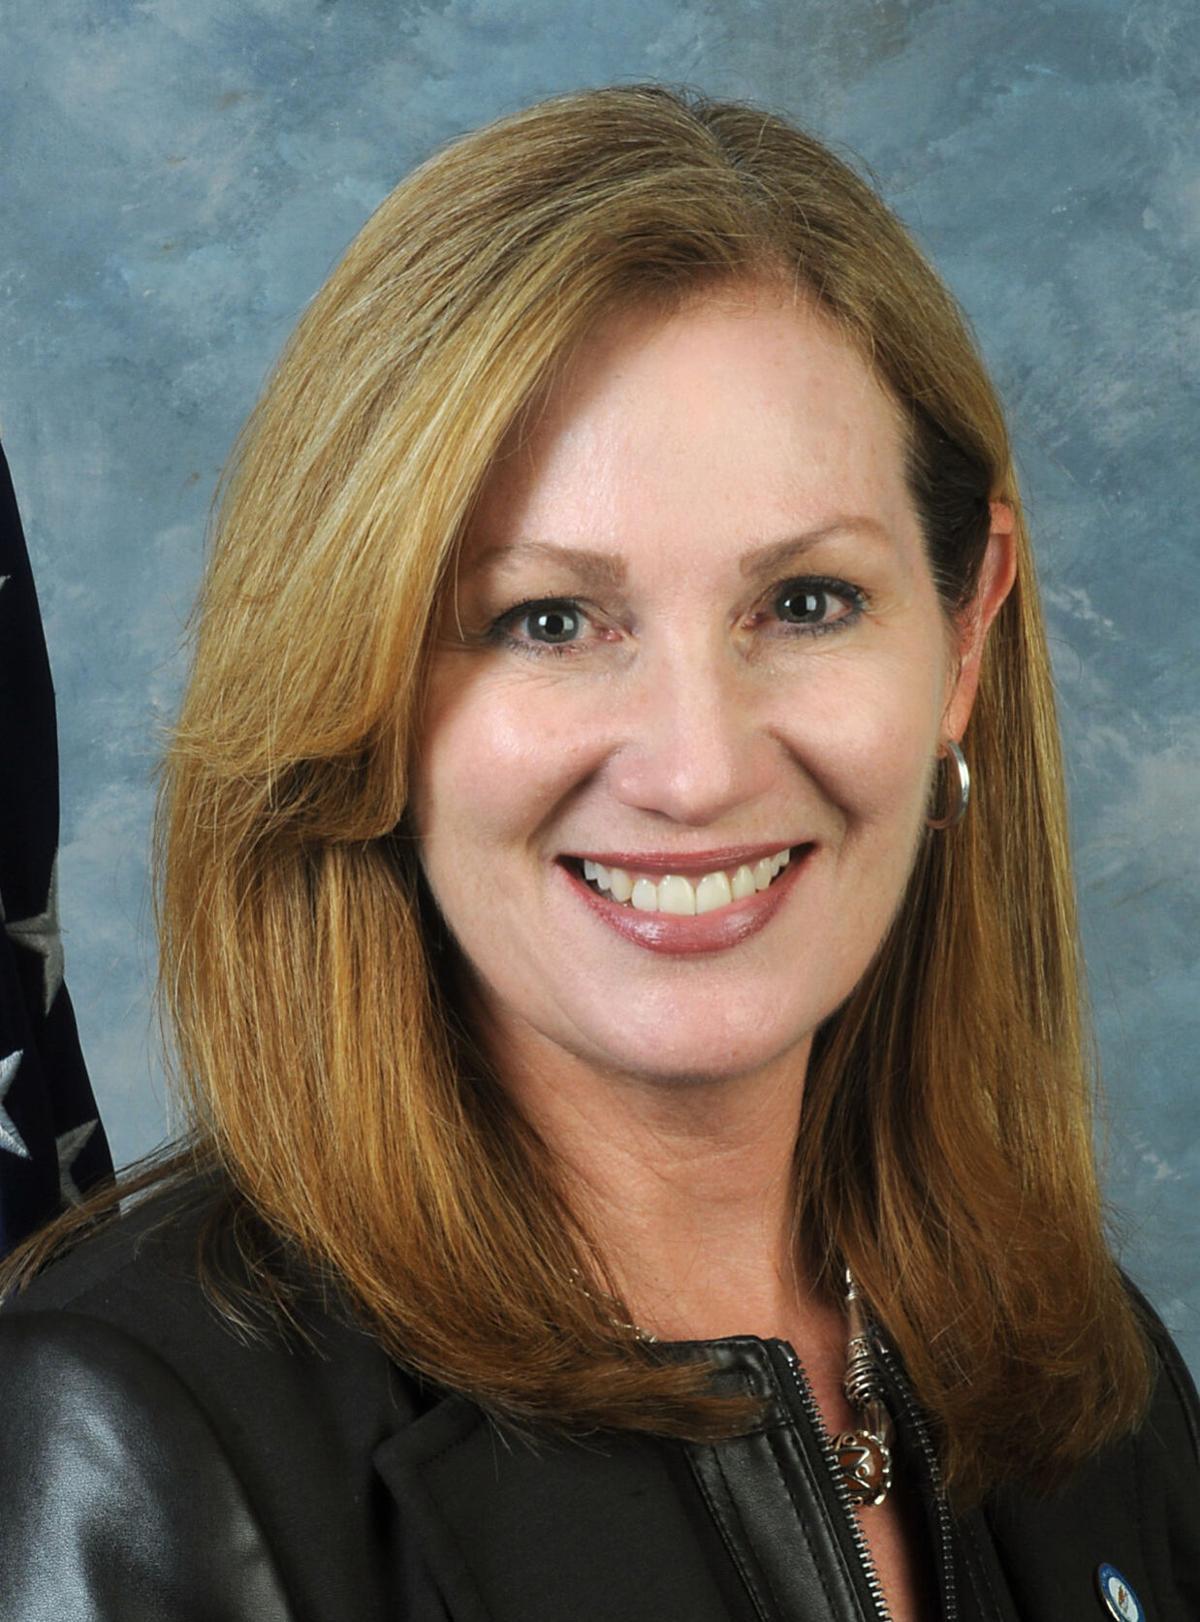 Rep. Kim Moser